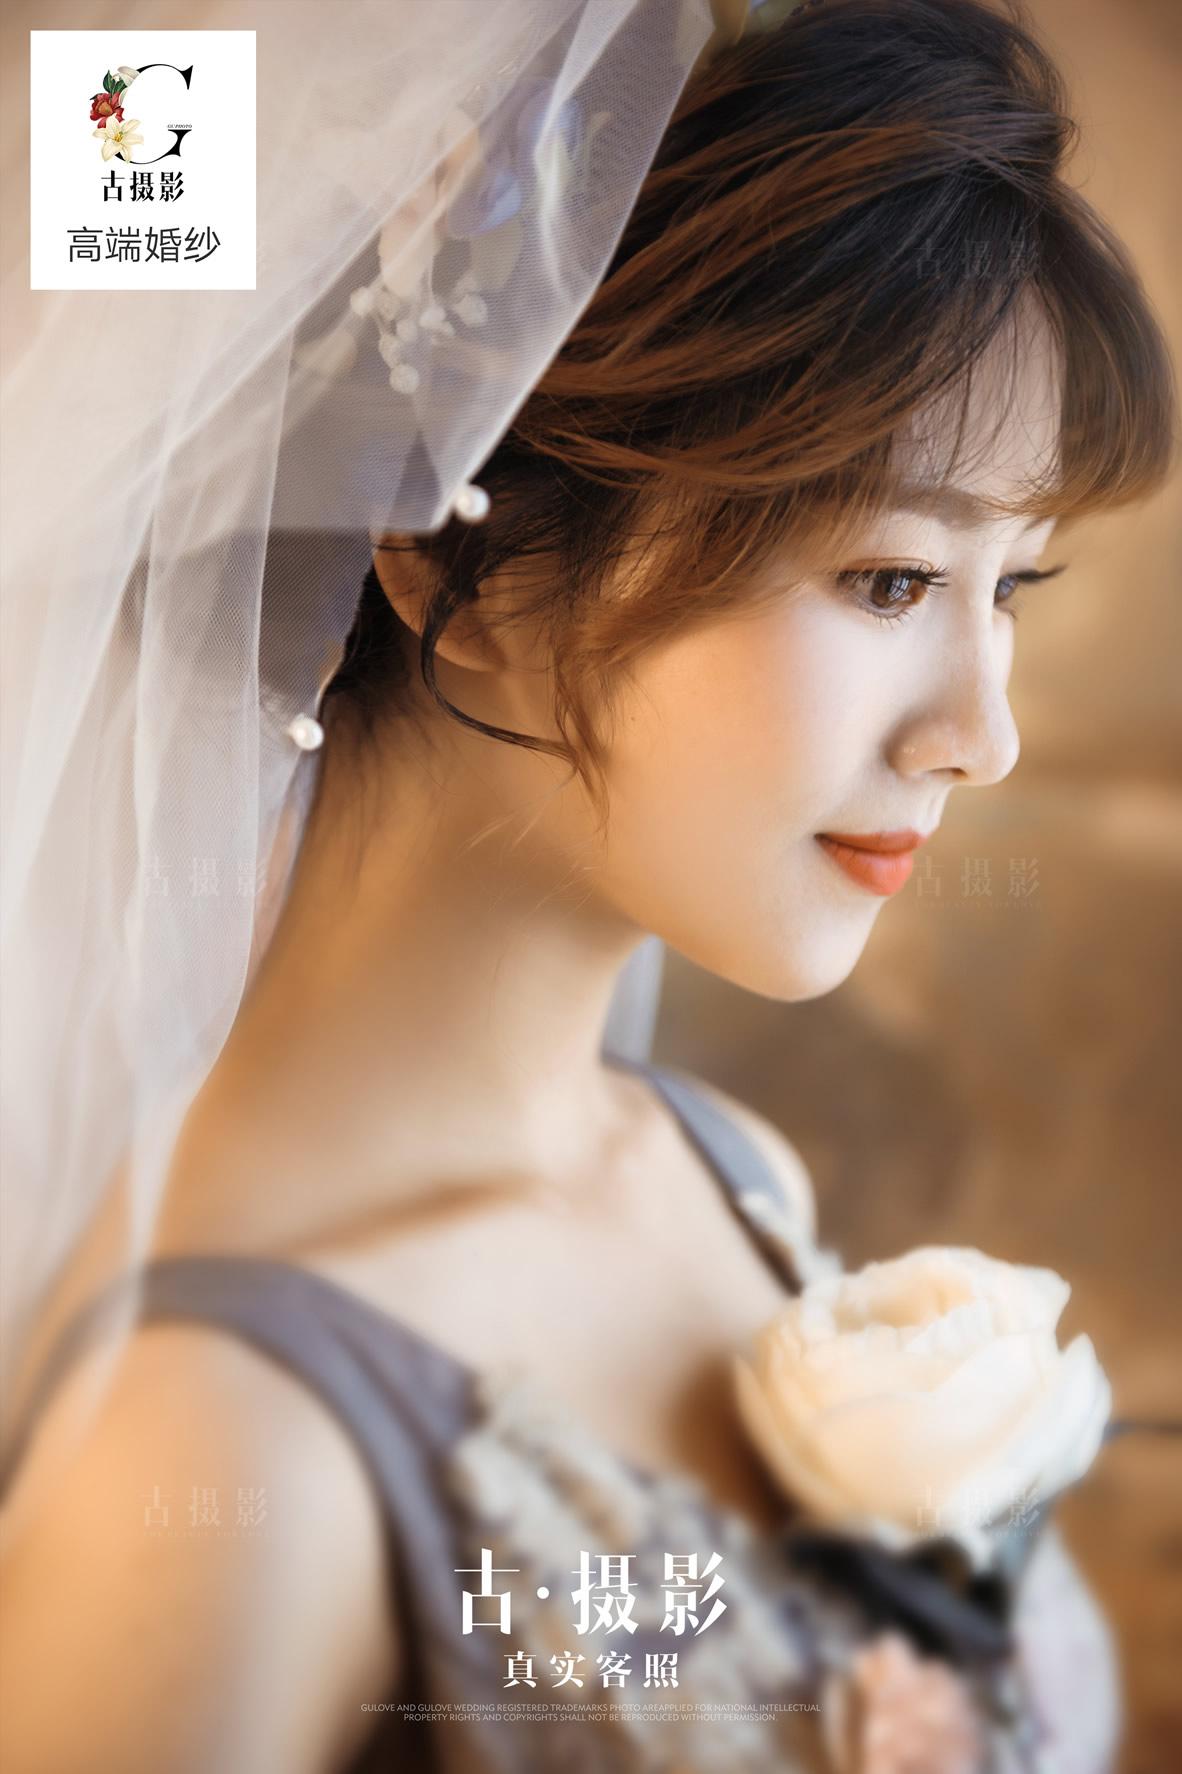 4月27日客片丁先生 何小姐 - 每日客照 - 古摄影婚纱艺术-古摄影成都婚纱摄影艺术摄影网